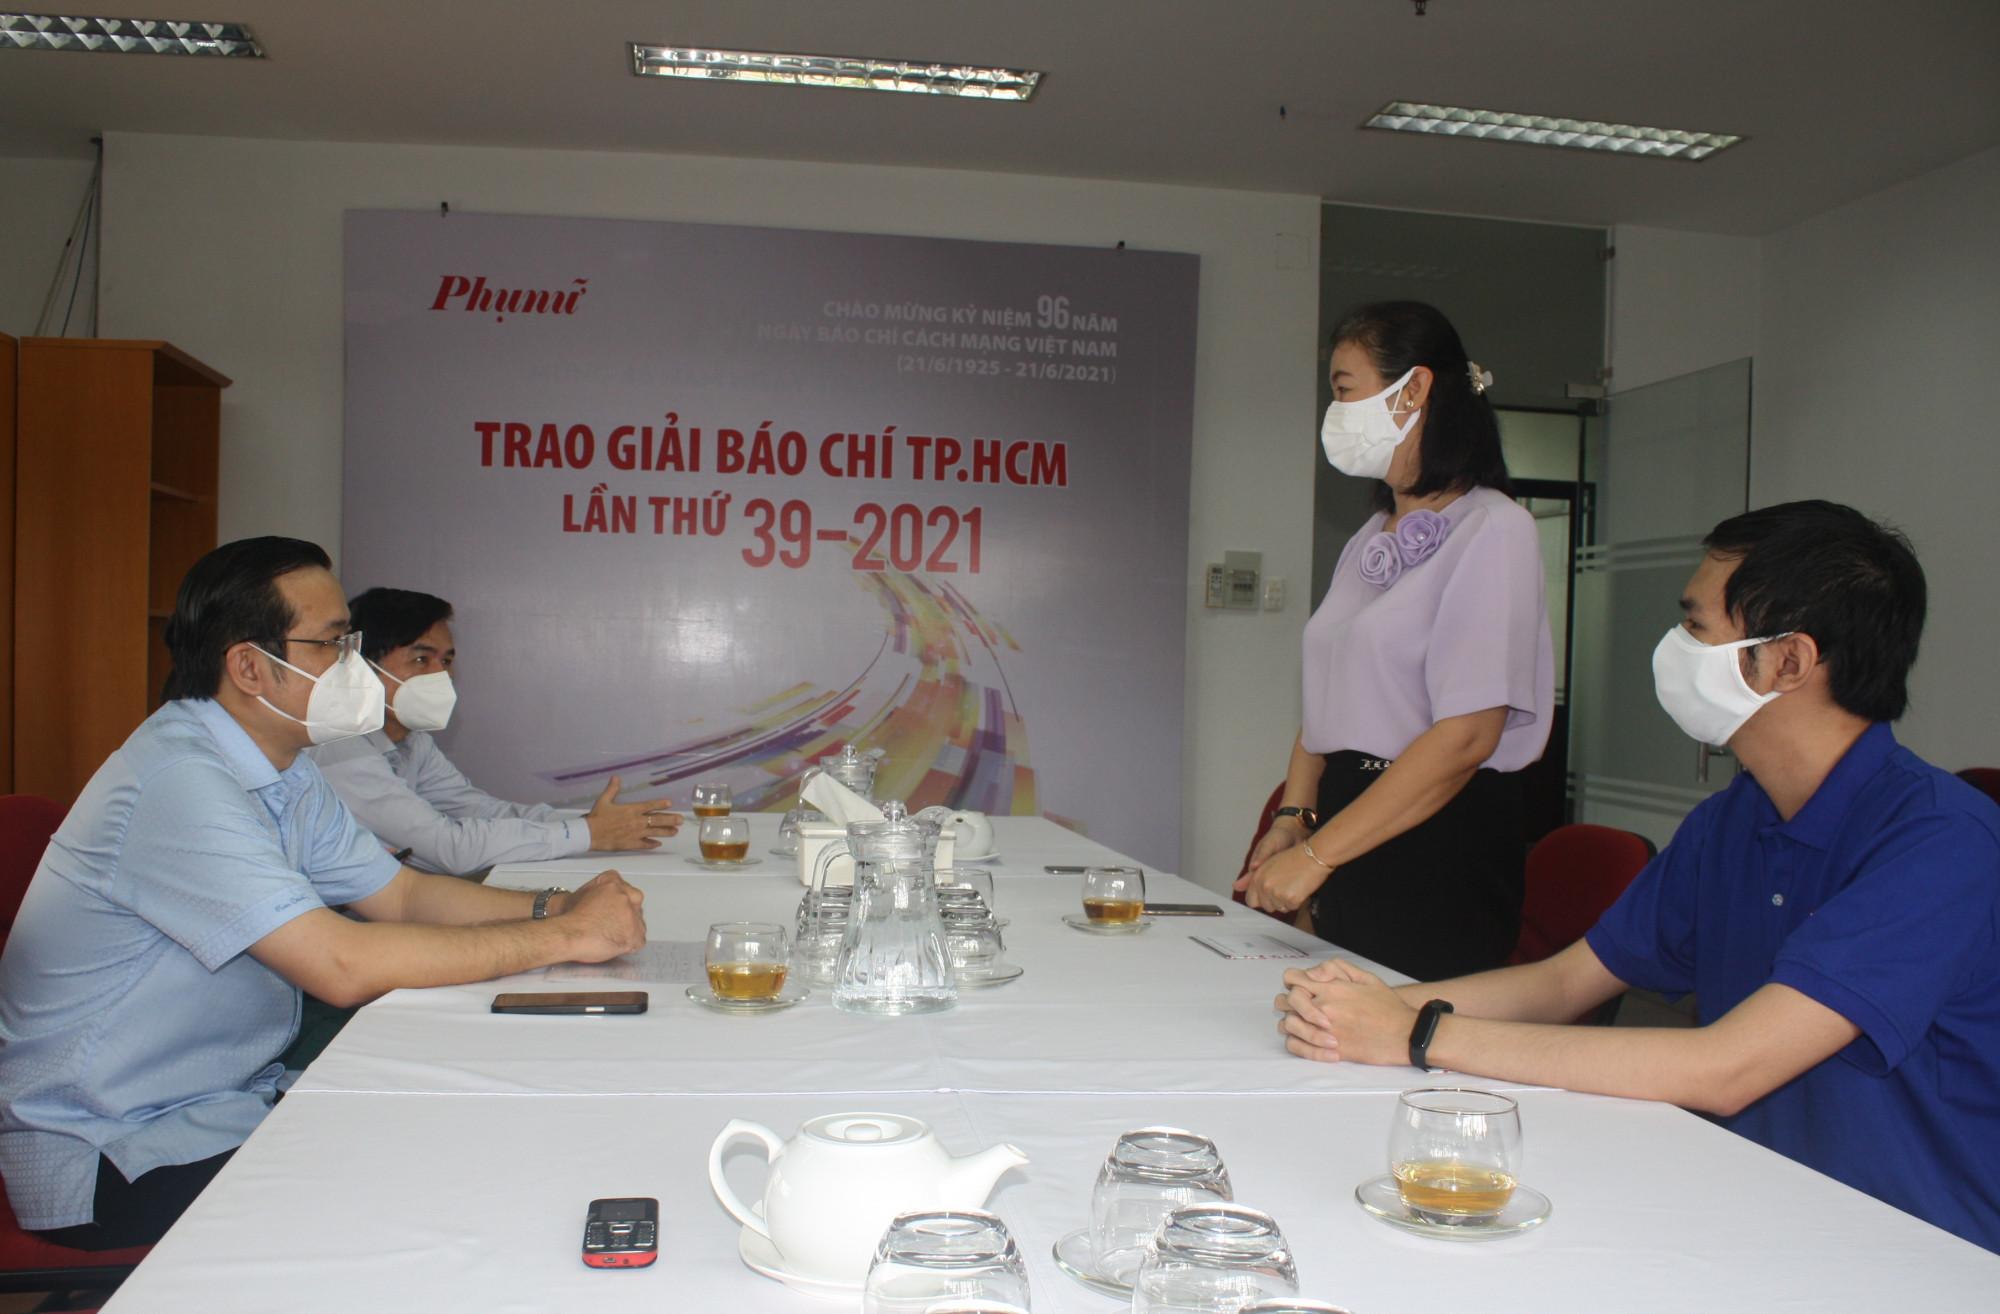 Bà Lý Việt Trung - Tổng biên tập Báo Phụ Nữ TPHCM - bày tỏ niềm xúc động, biết ơn. Ảnh: Quốc Ngọc